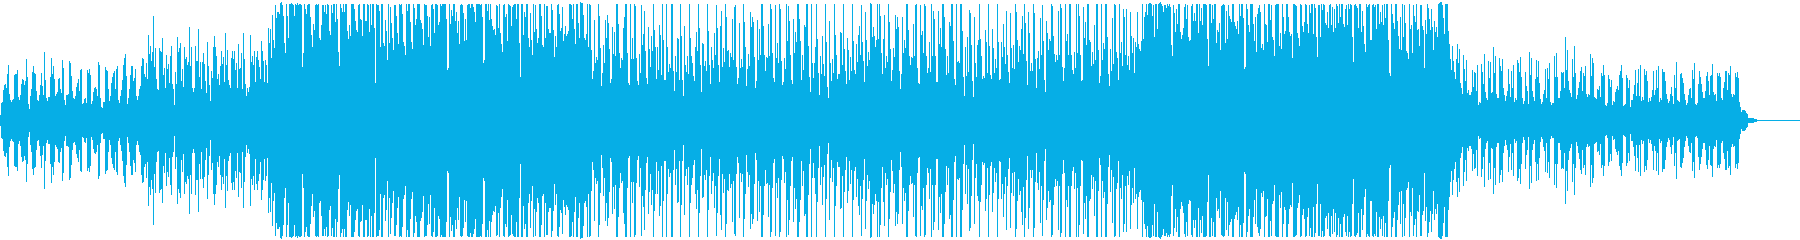 爽やかで軽快で可愛いトロピカルハウスの再生済みの波形